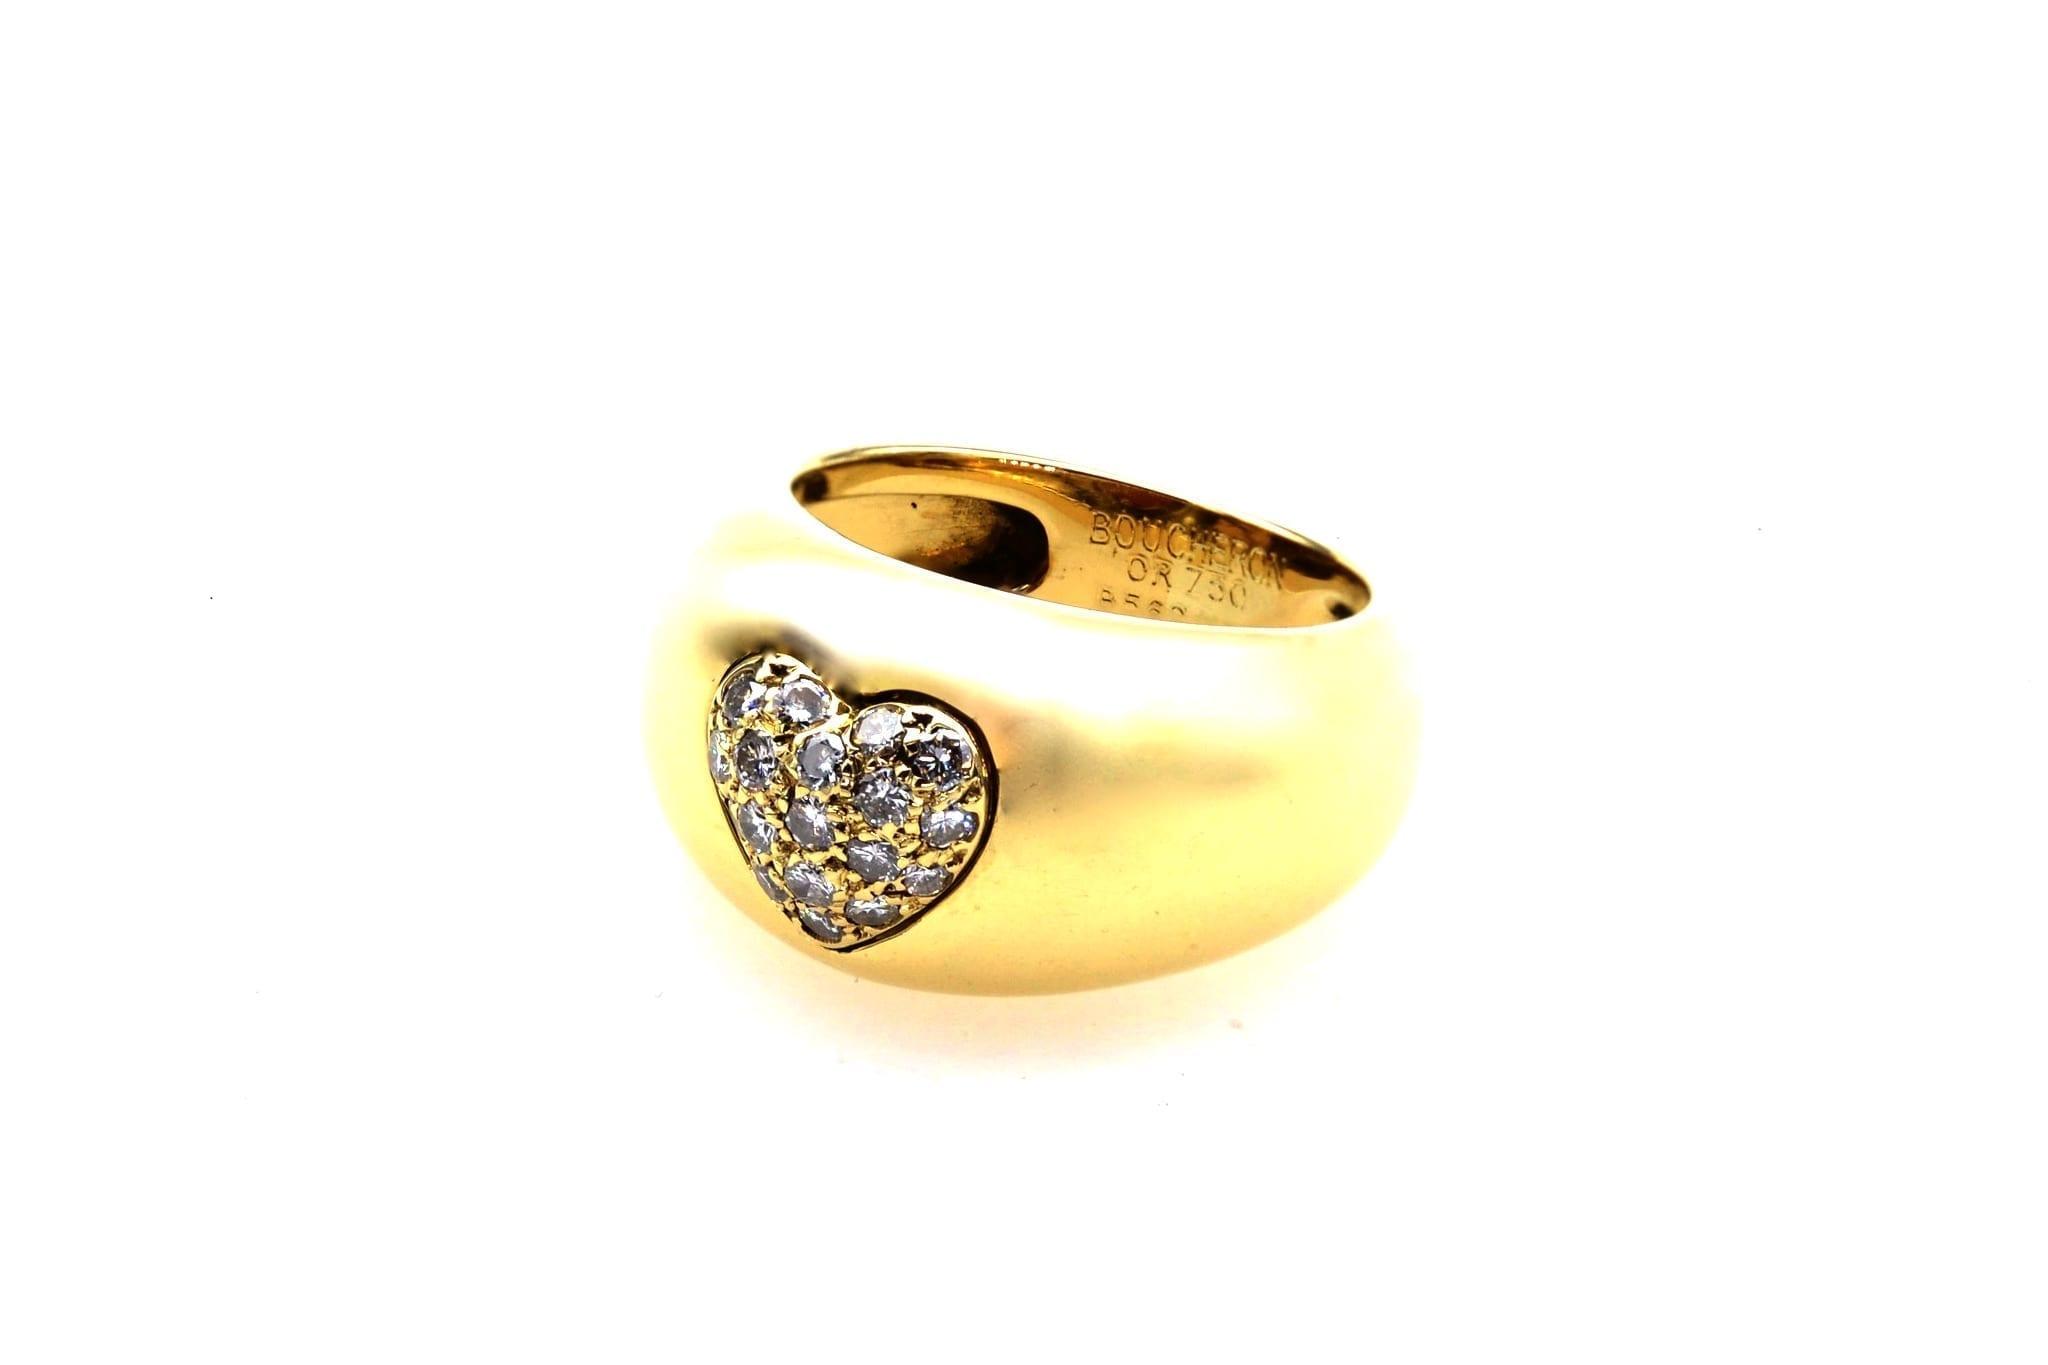 Bague Boucheron coeur pivotant citrine et diamants